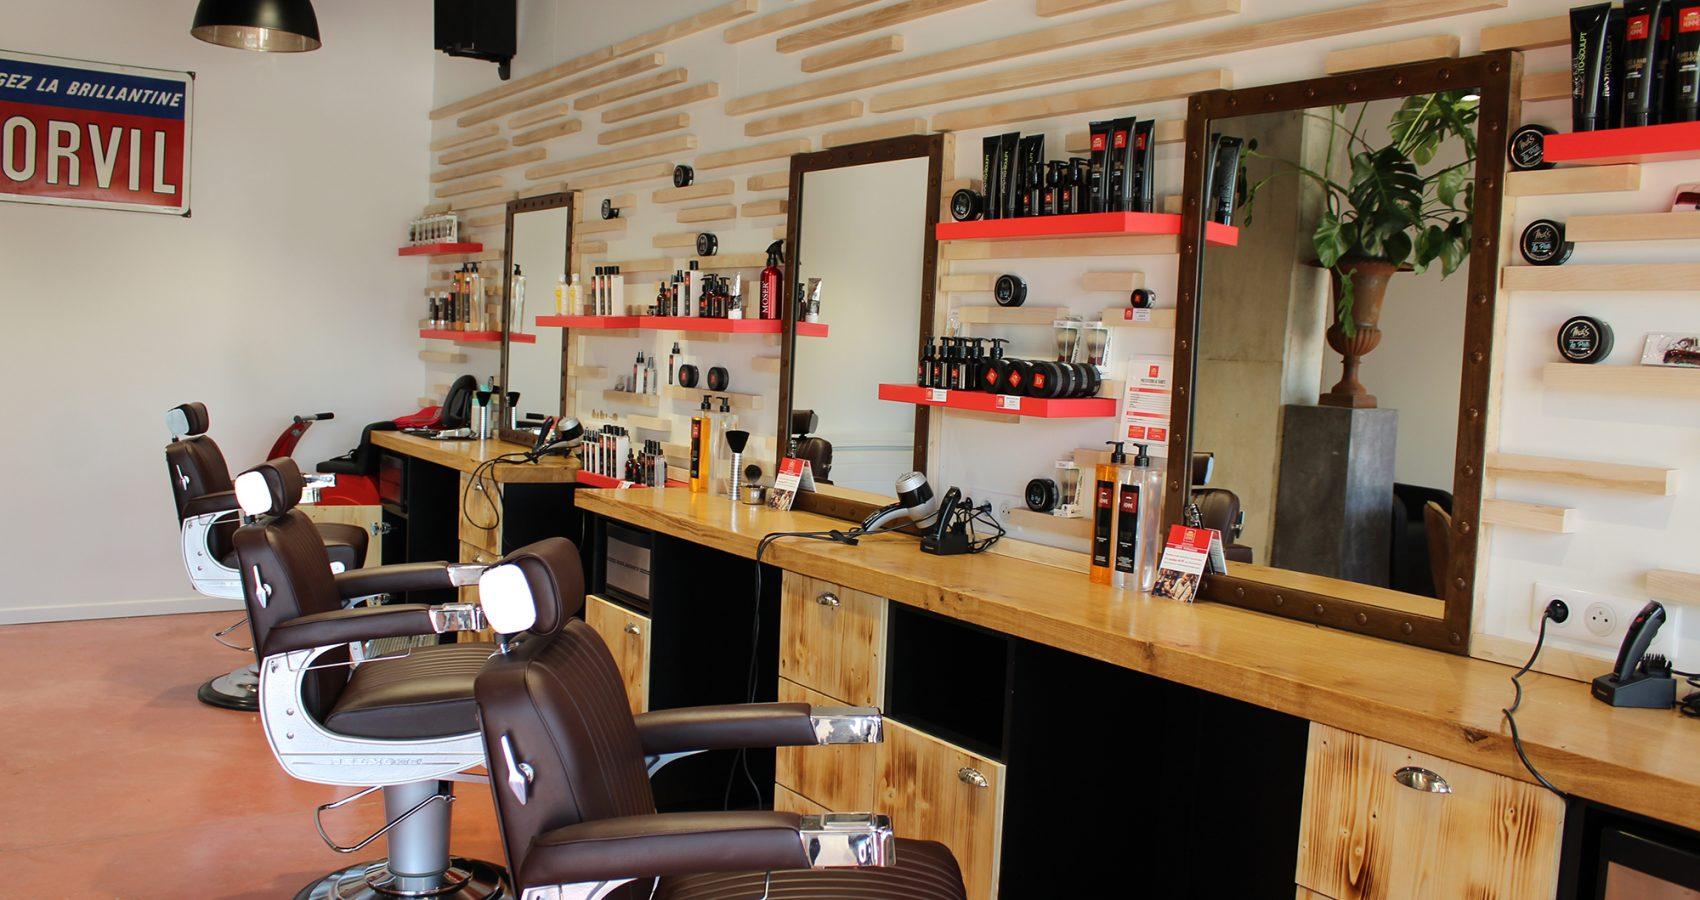 Maxime-homme-page-accueil-barbier-coiffeur-ambroise18